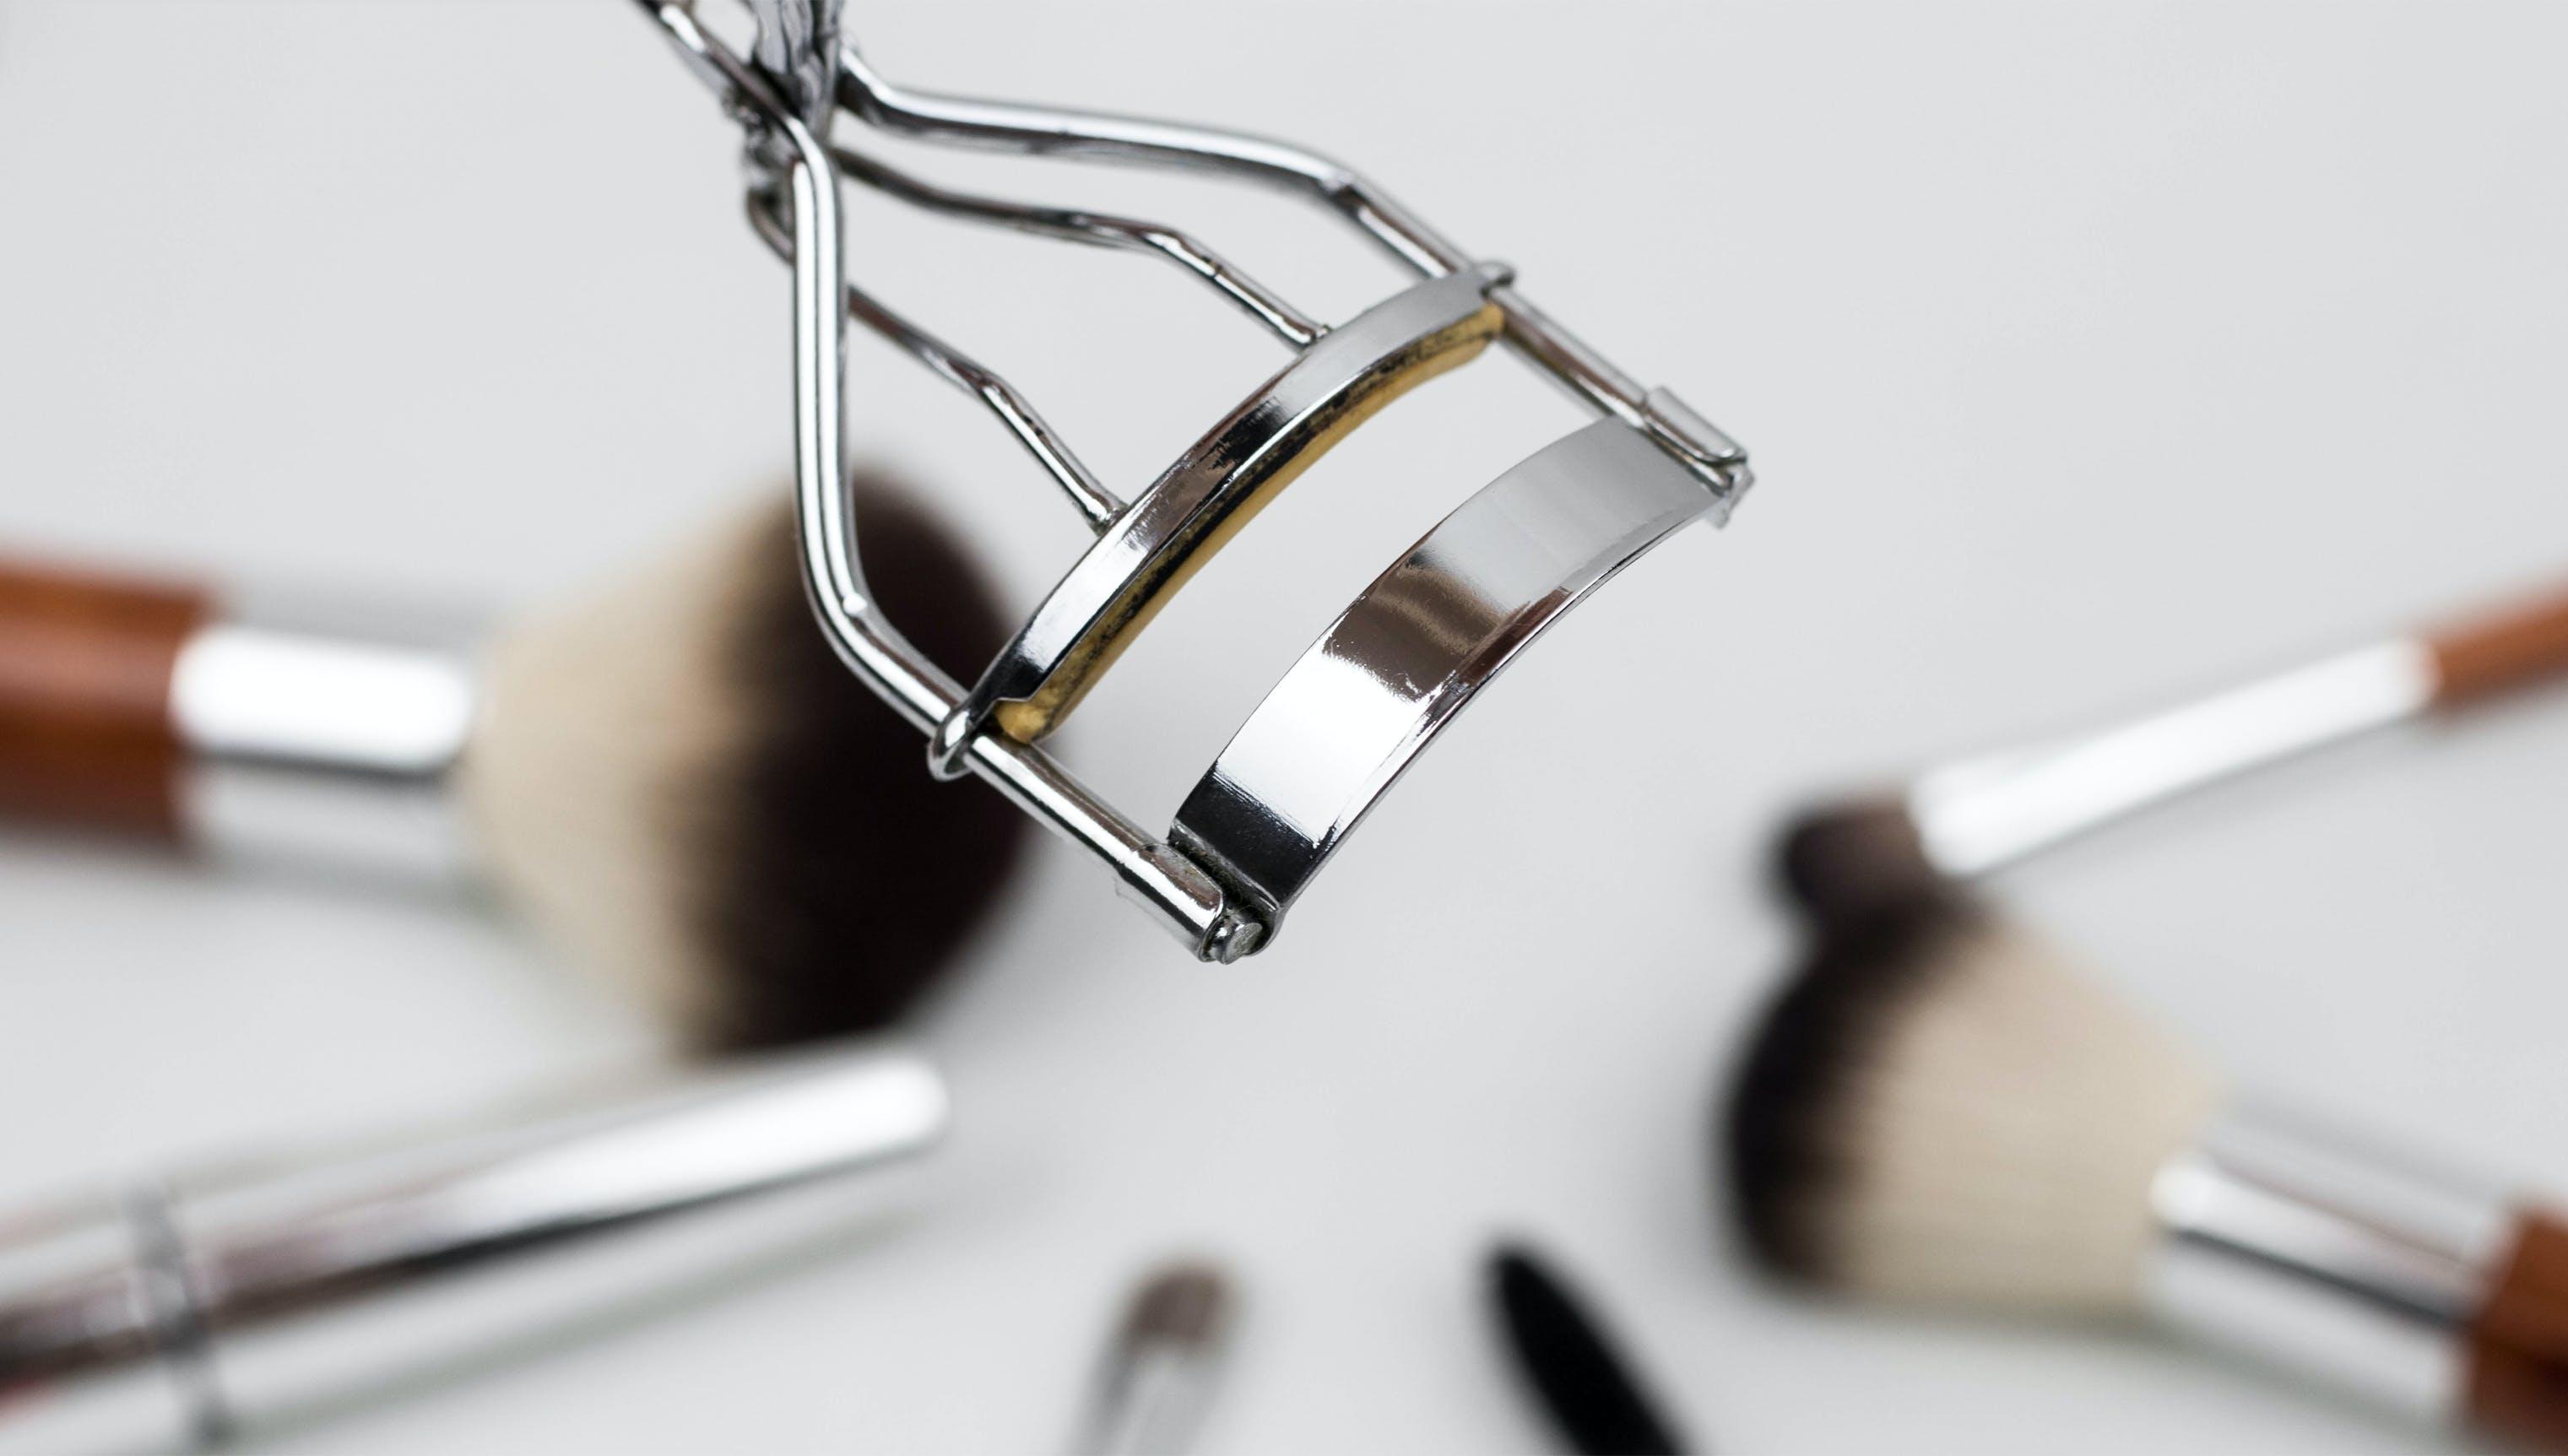 Free stock photo of make-up, eyelashes, cosmetics, pliers